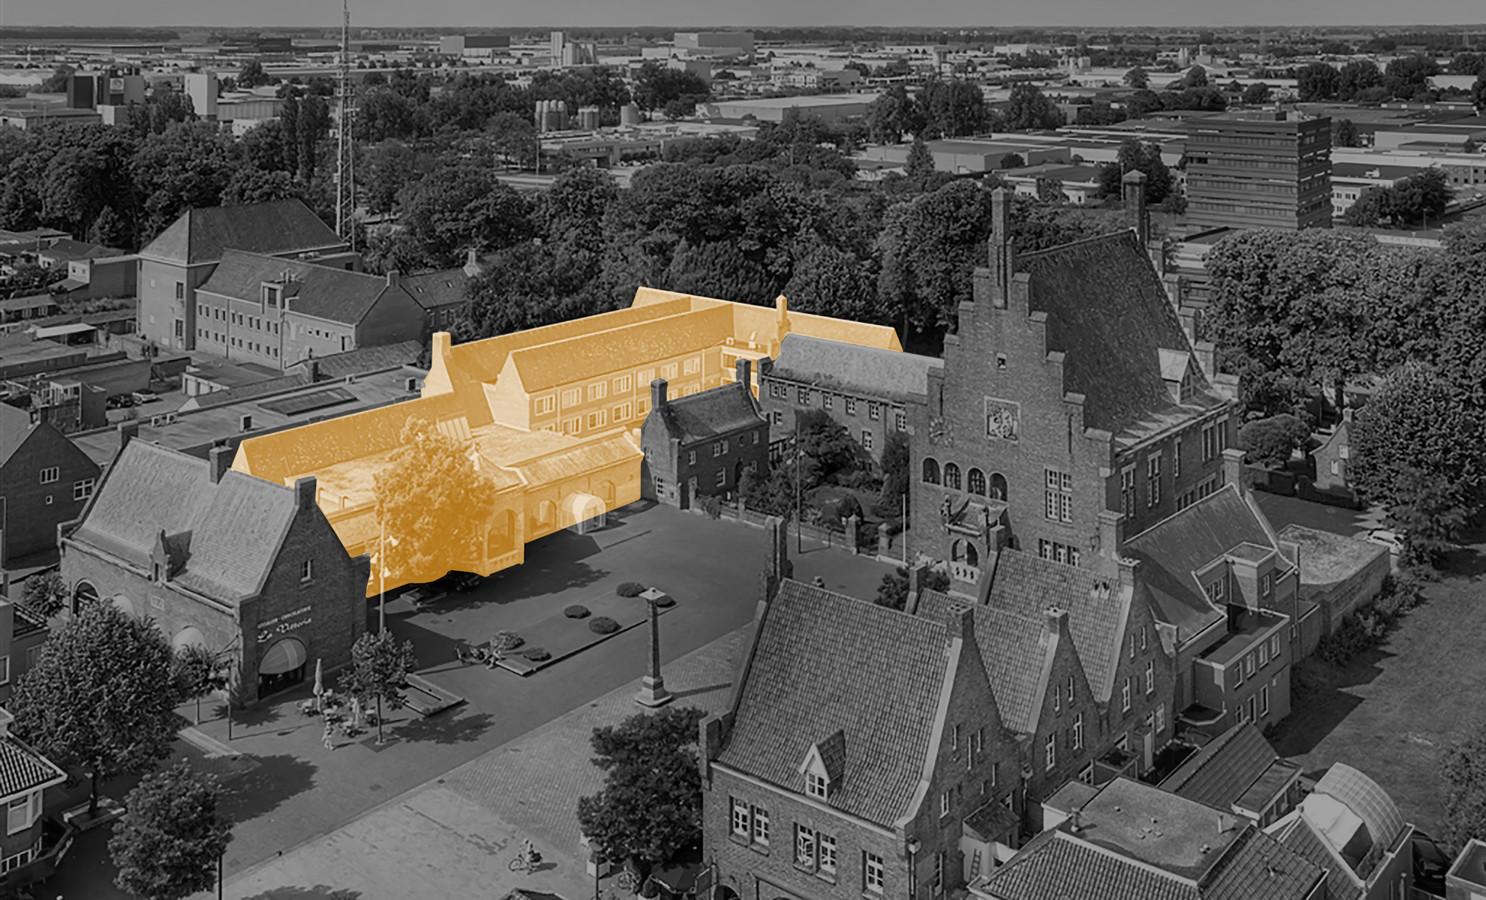 Het nieuwe schoenenmuseum in Waalwijk opent, volgens de plannen, in februari 2021 in het voormalige gemeentehuis van Waalwijk.